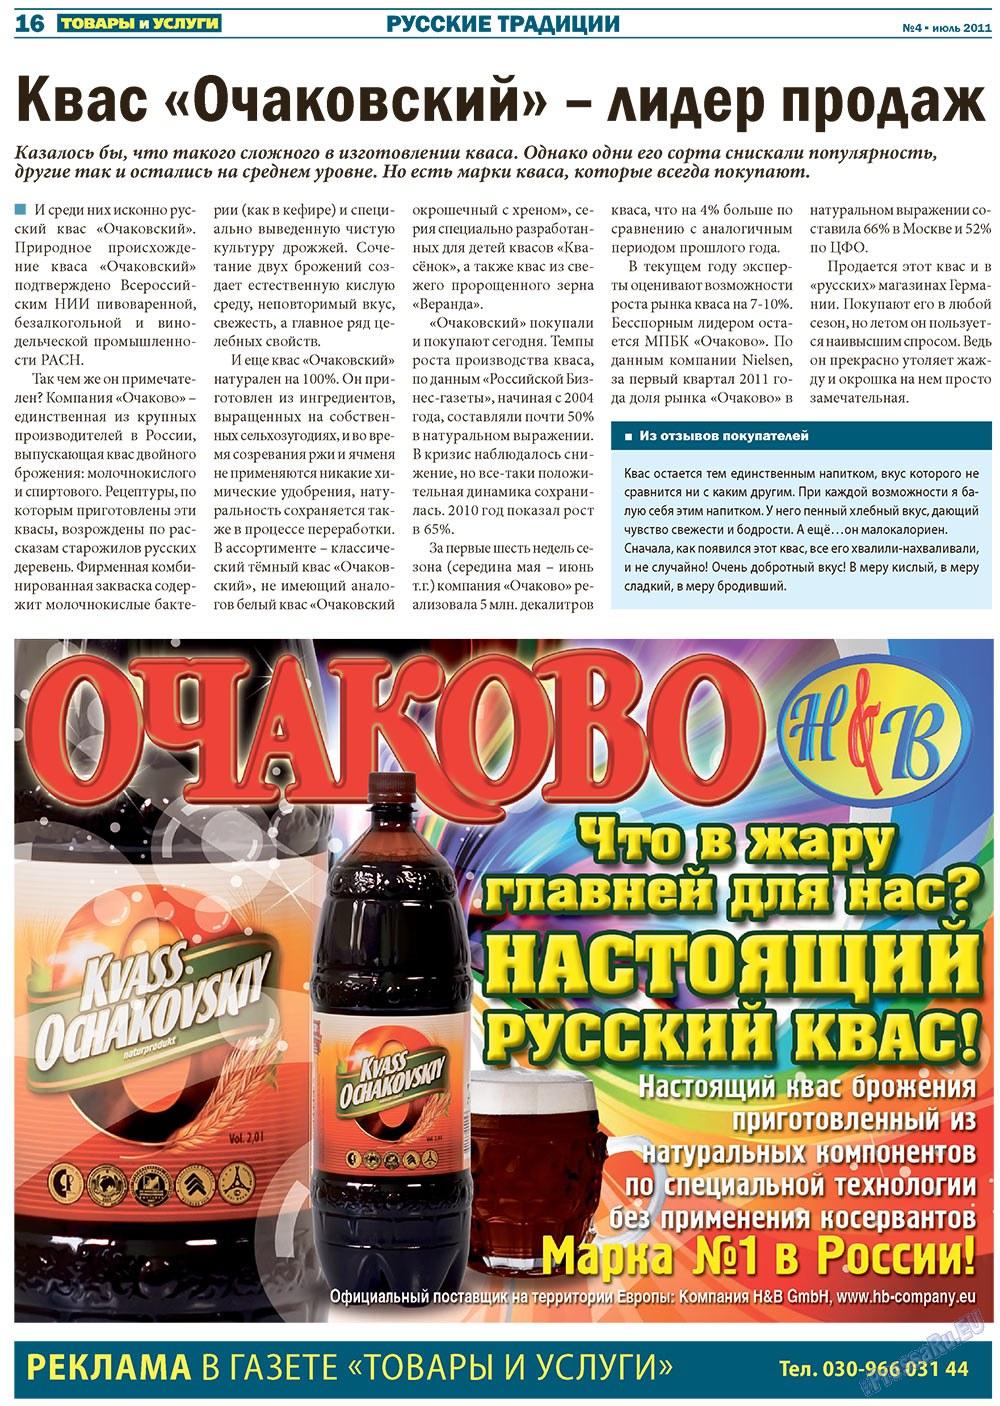 Товары и услуги (газета). 2011 год, номер 4, стр. 16